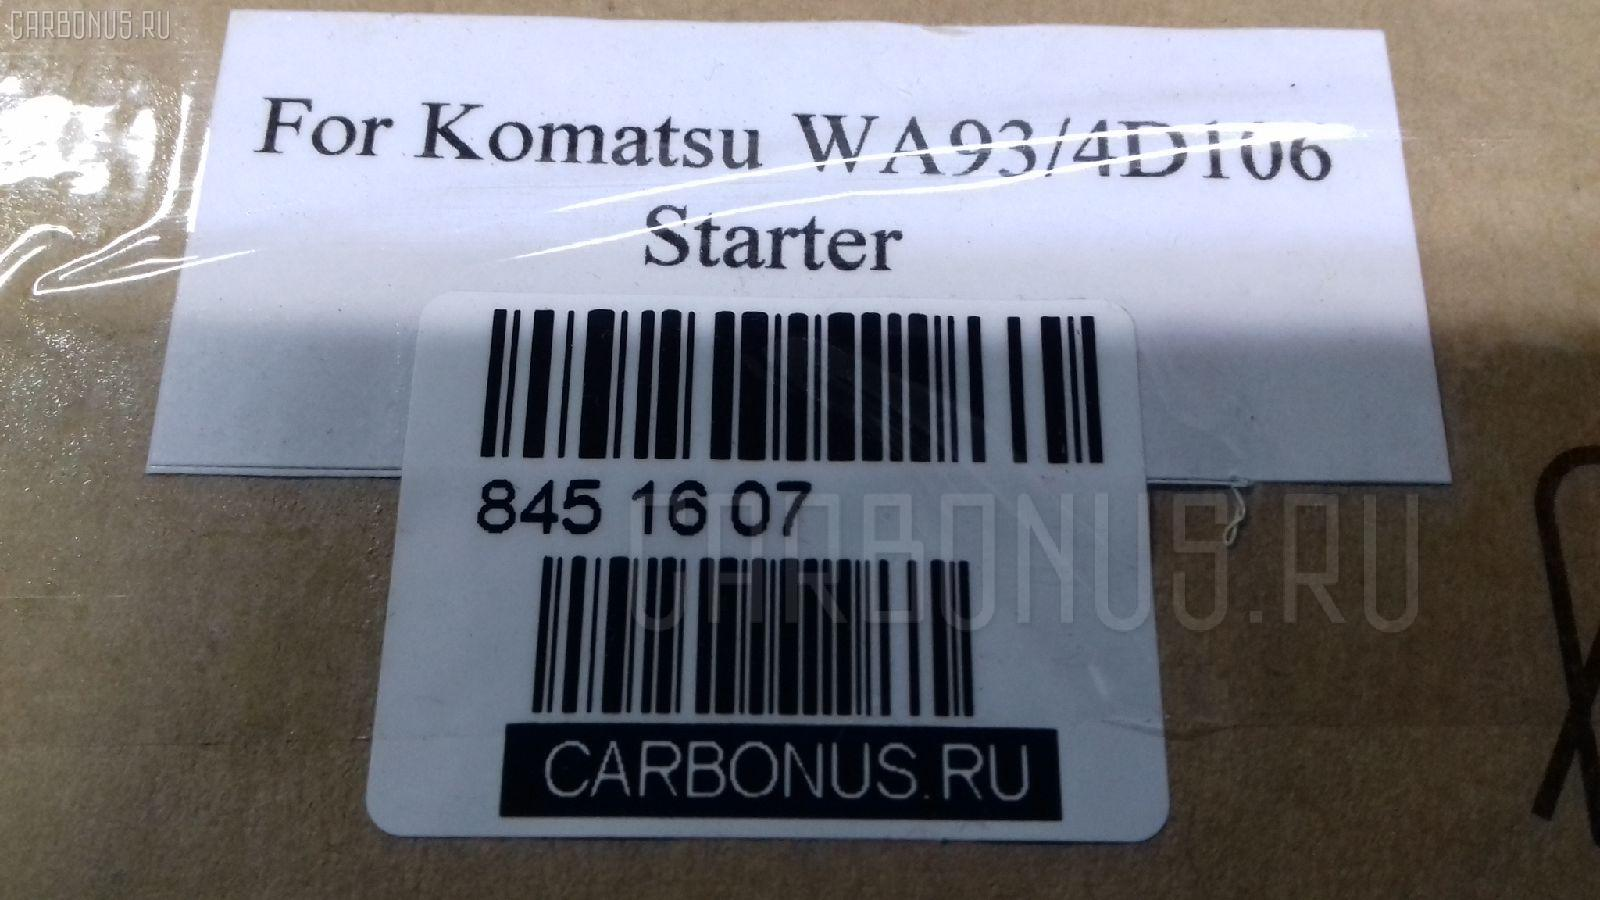 Стартер KOMATSU WA93 4D106 Фото 10